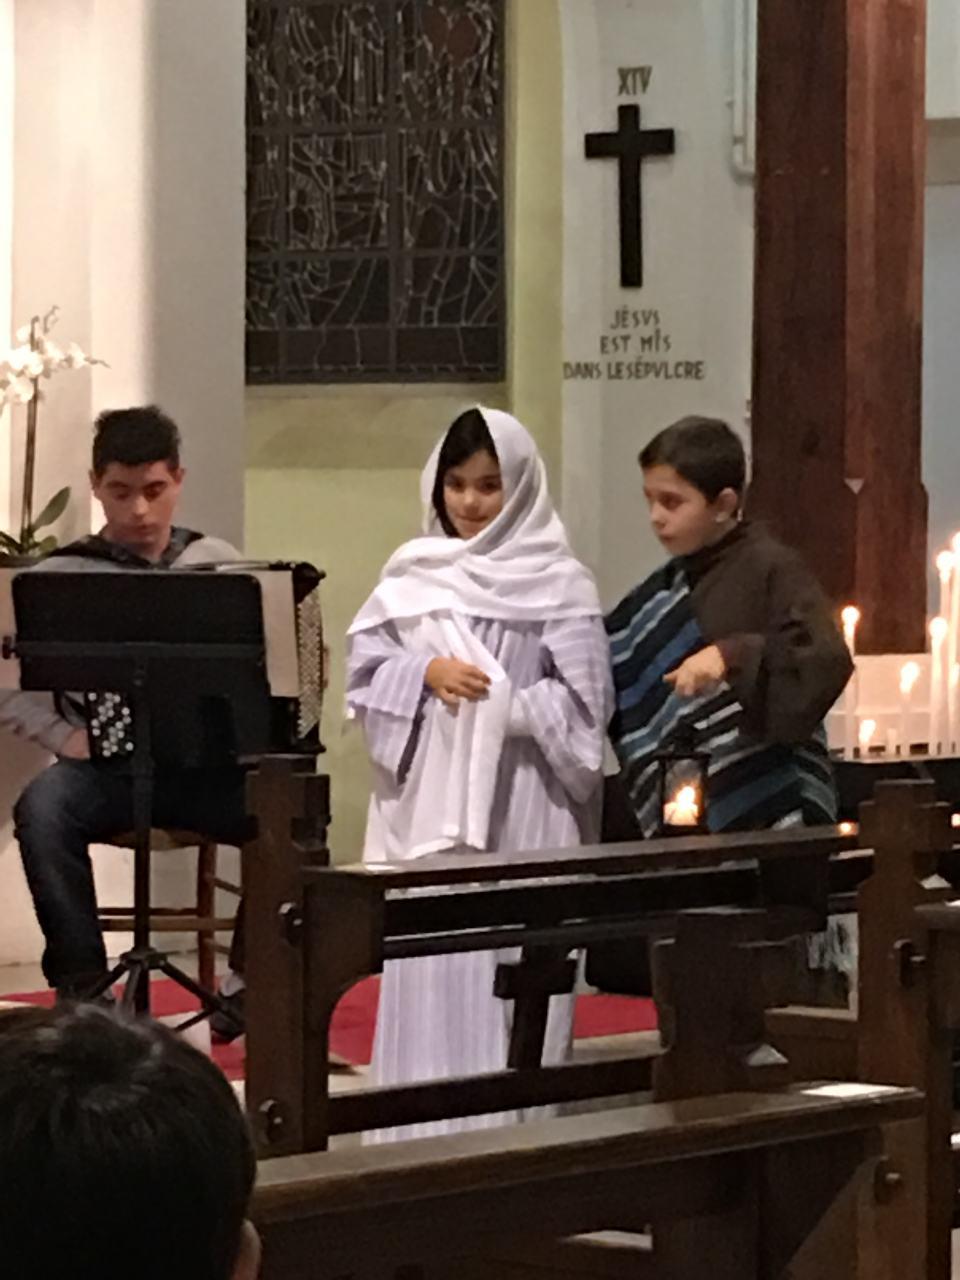 ... Alors Joseph part pour la Judée avec Marie, son épouse, qui aura bientôt son bébé, pour  la ville de Bethléem où, lui-même, était né.